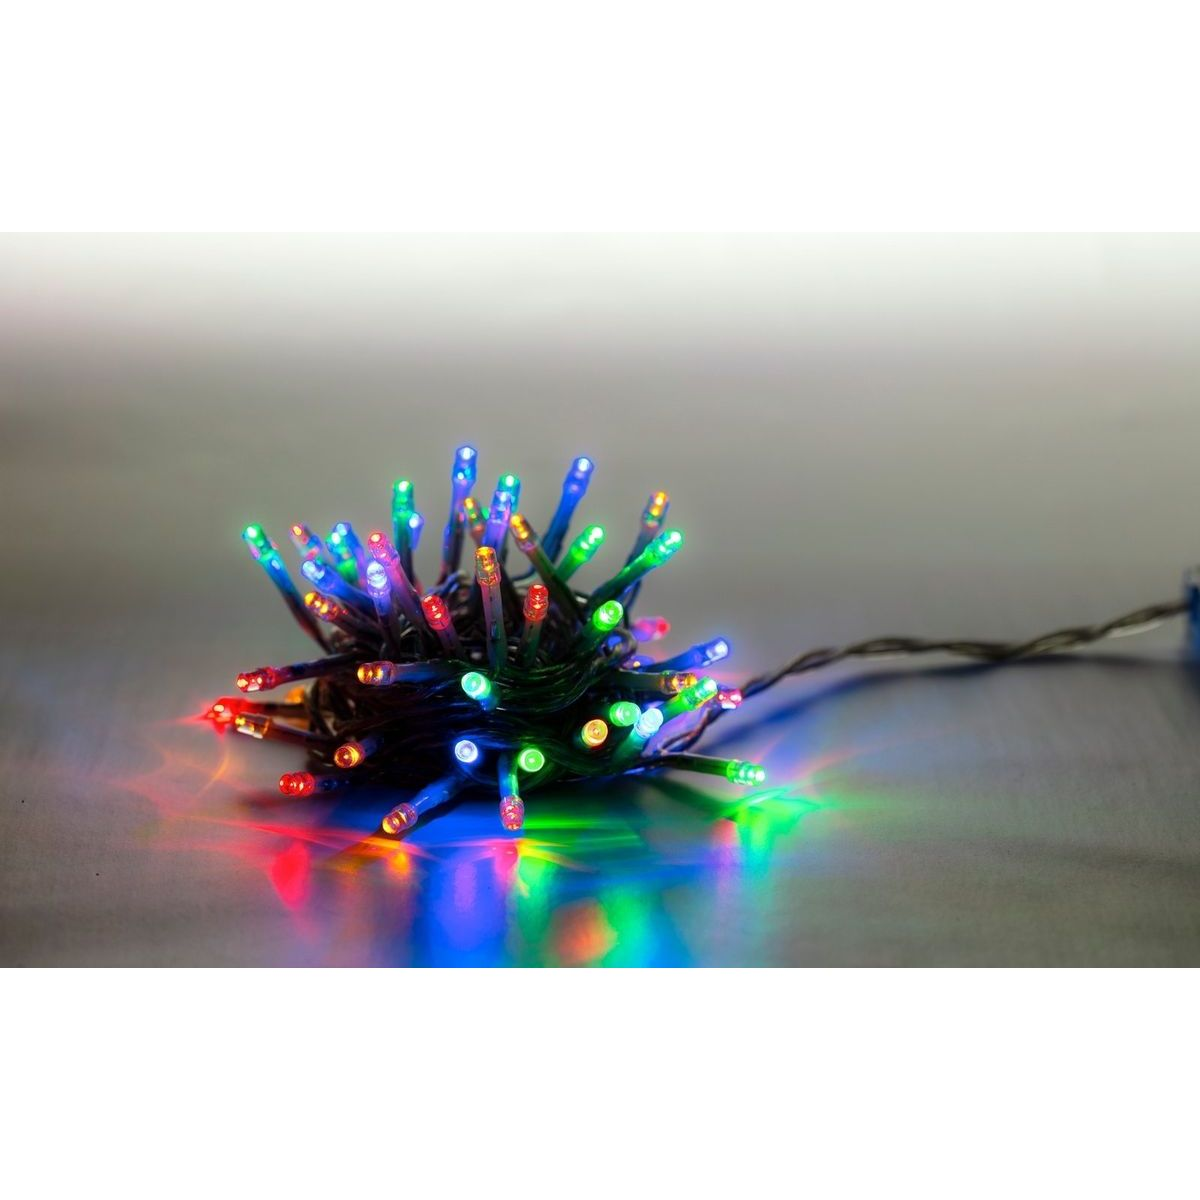 Reťaz svetelný 100 LED 5 m farebná transparent kábel